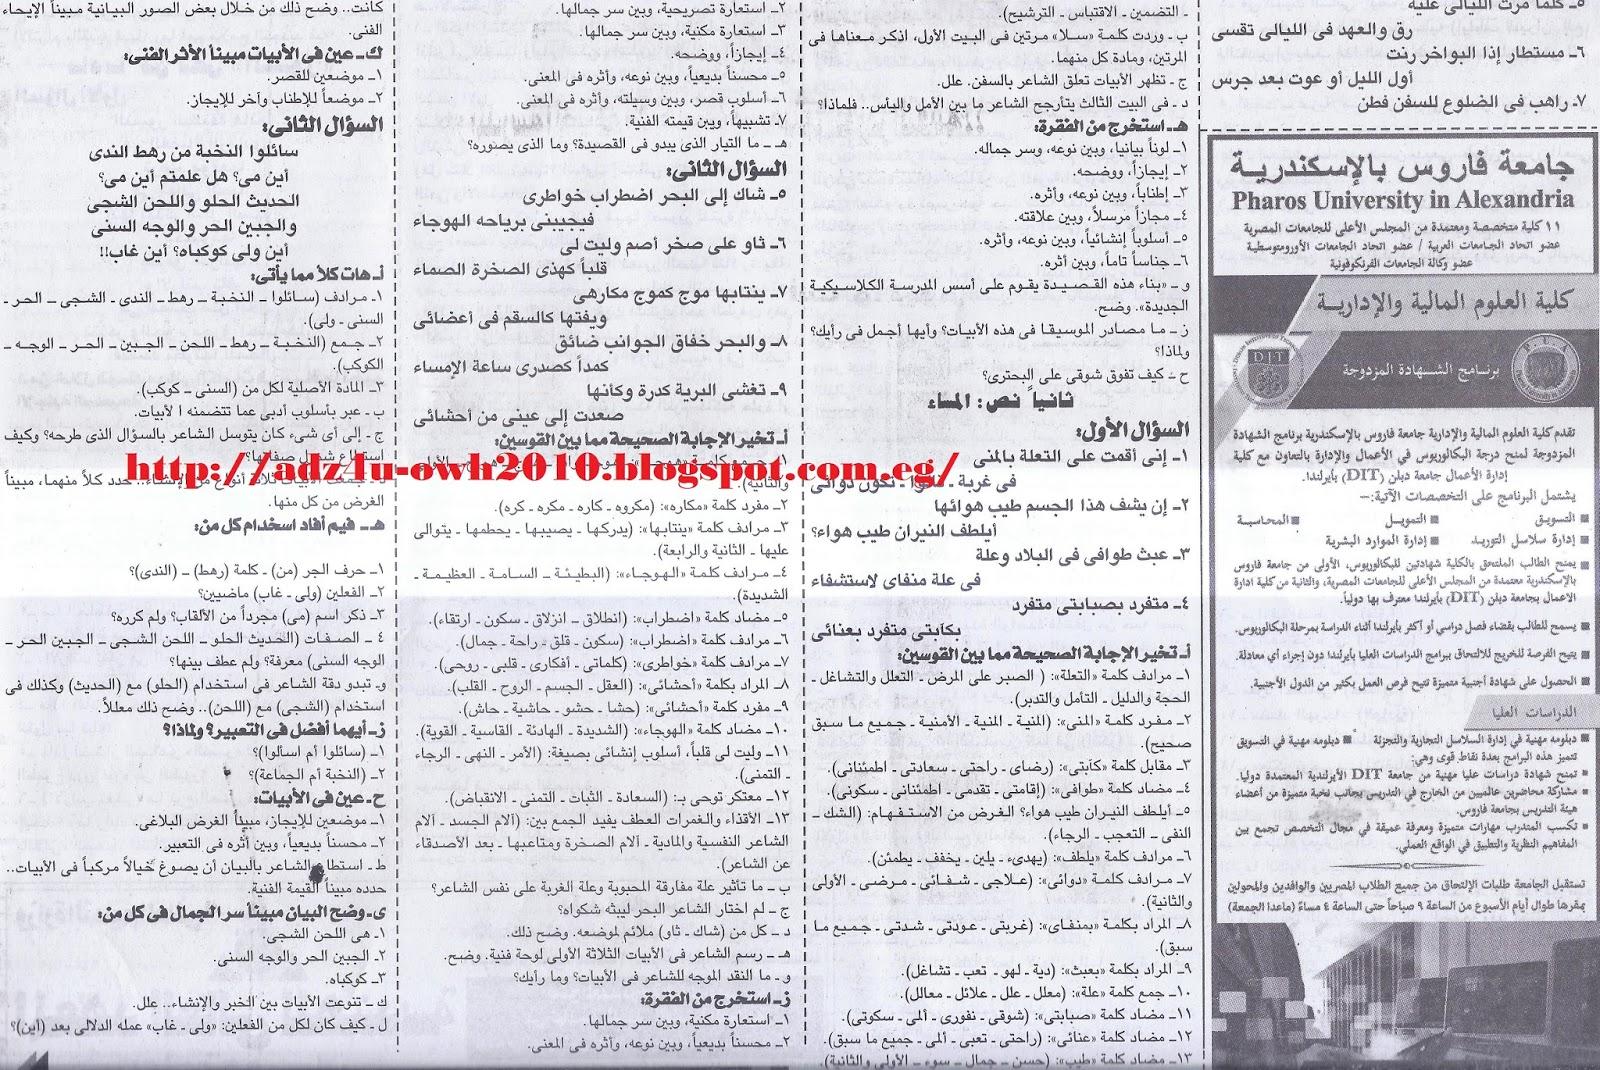 اهم توقعات النصوص للثانوية العامة.. ملحق الجمهورية التعليمي Scan0025